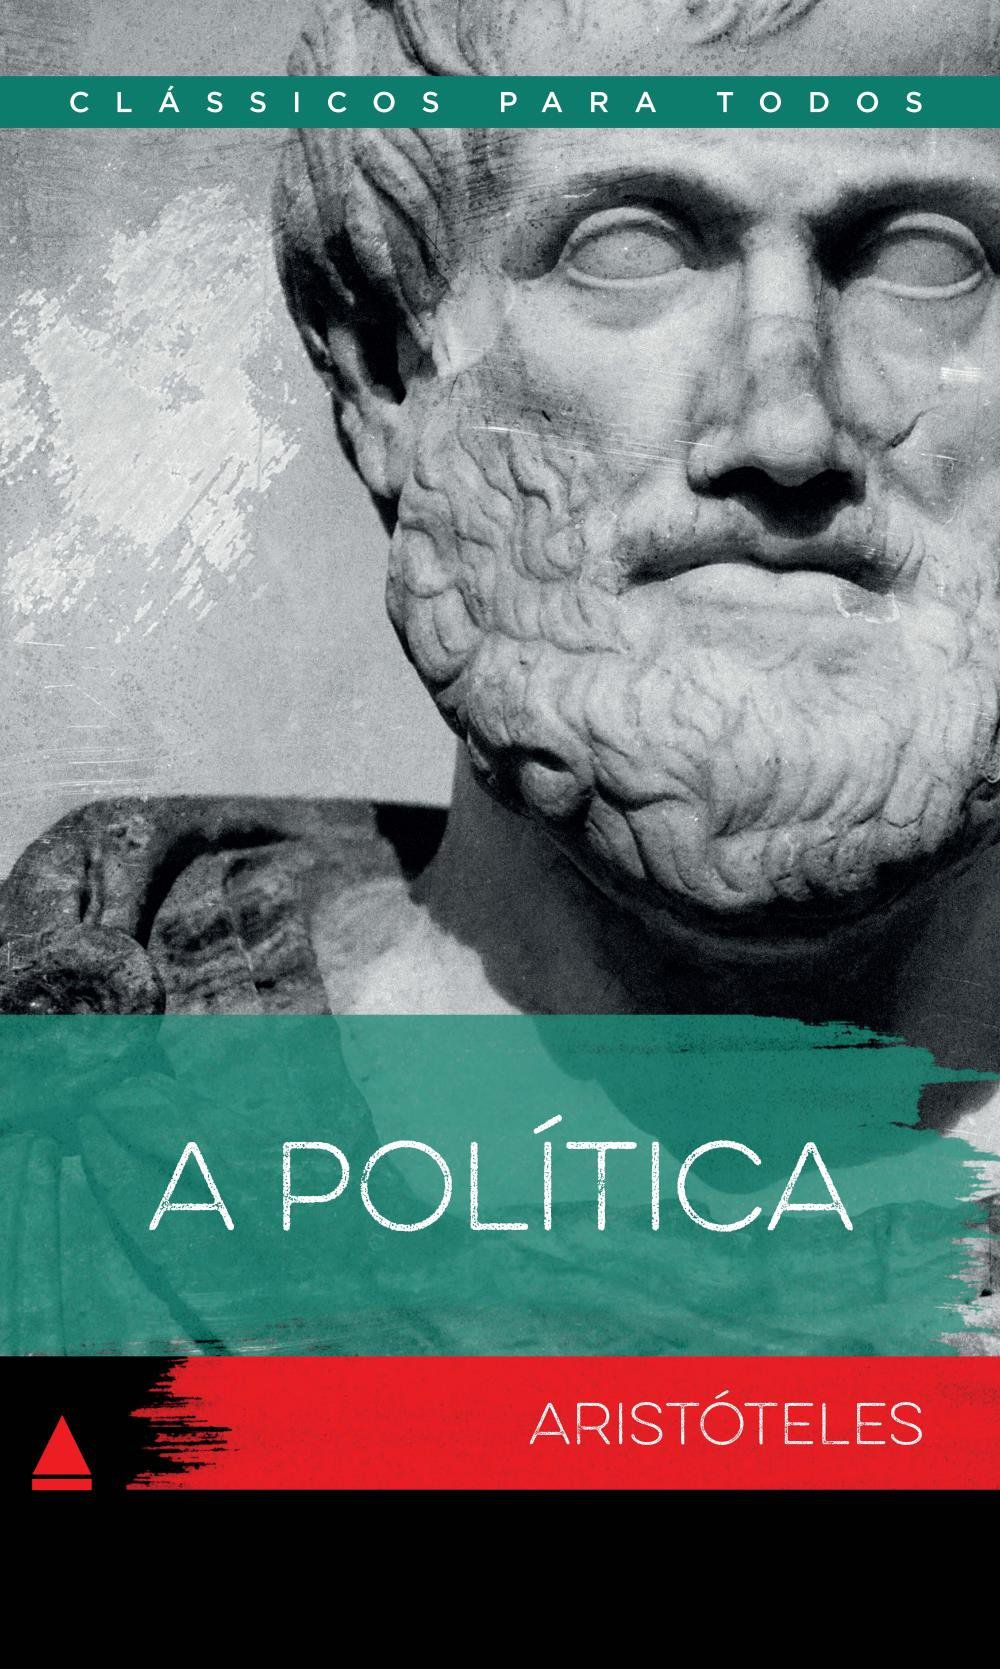 Livro A Política - Col. Clássicos Para Todos  - Aprova Cursos